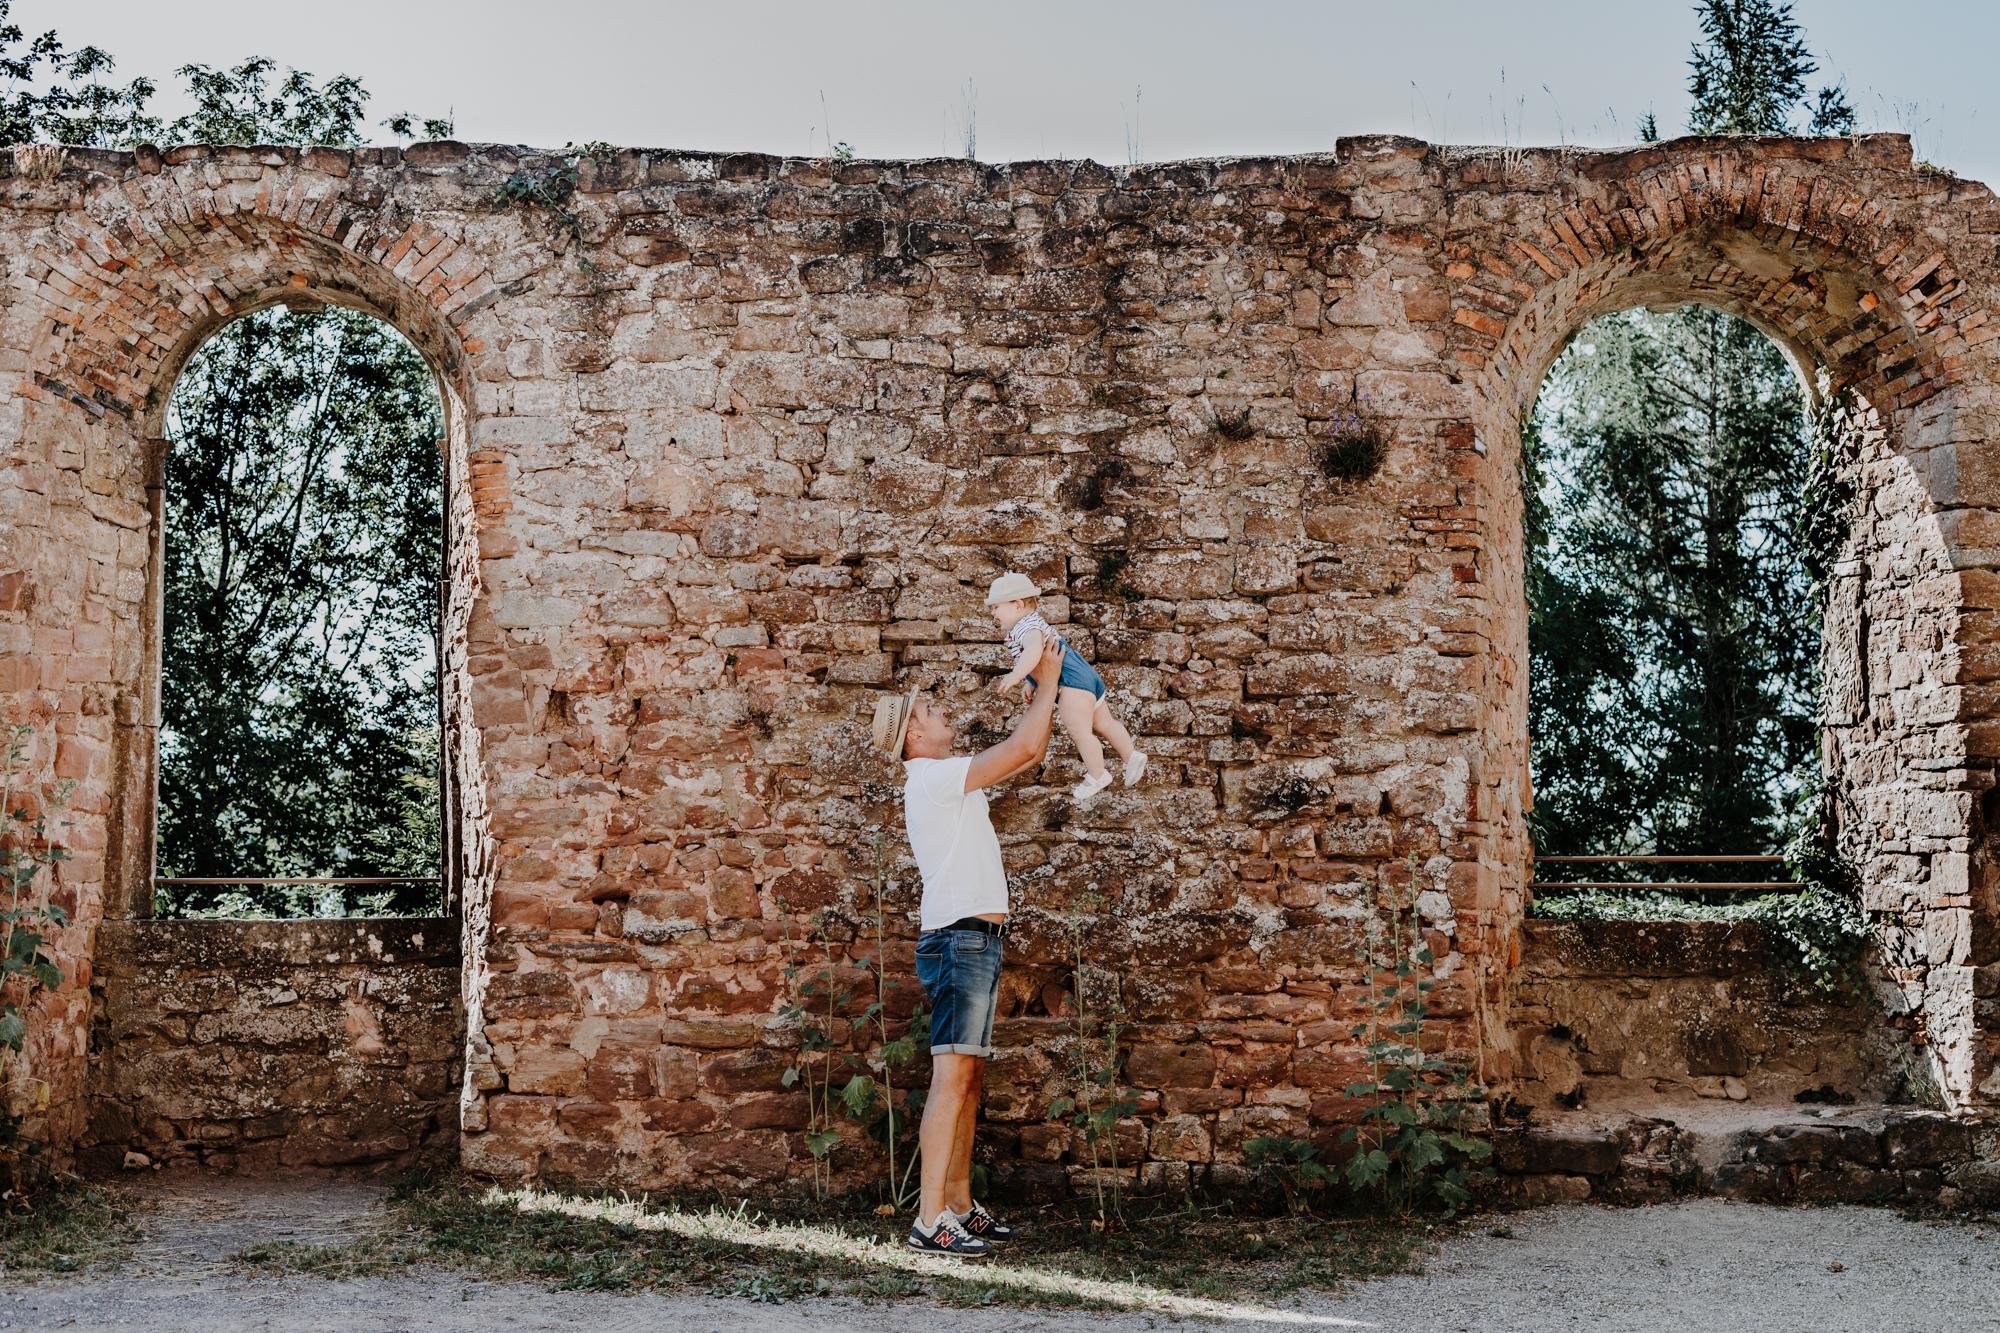 papa qui joue avec sa fille devant un mur en pierre des ruines d'un château